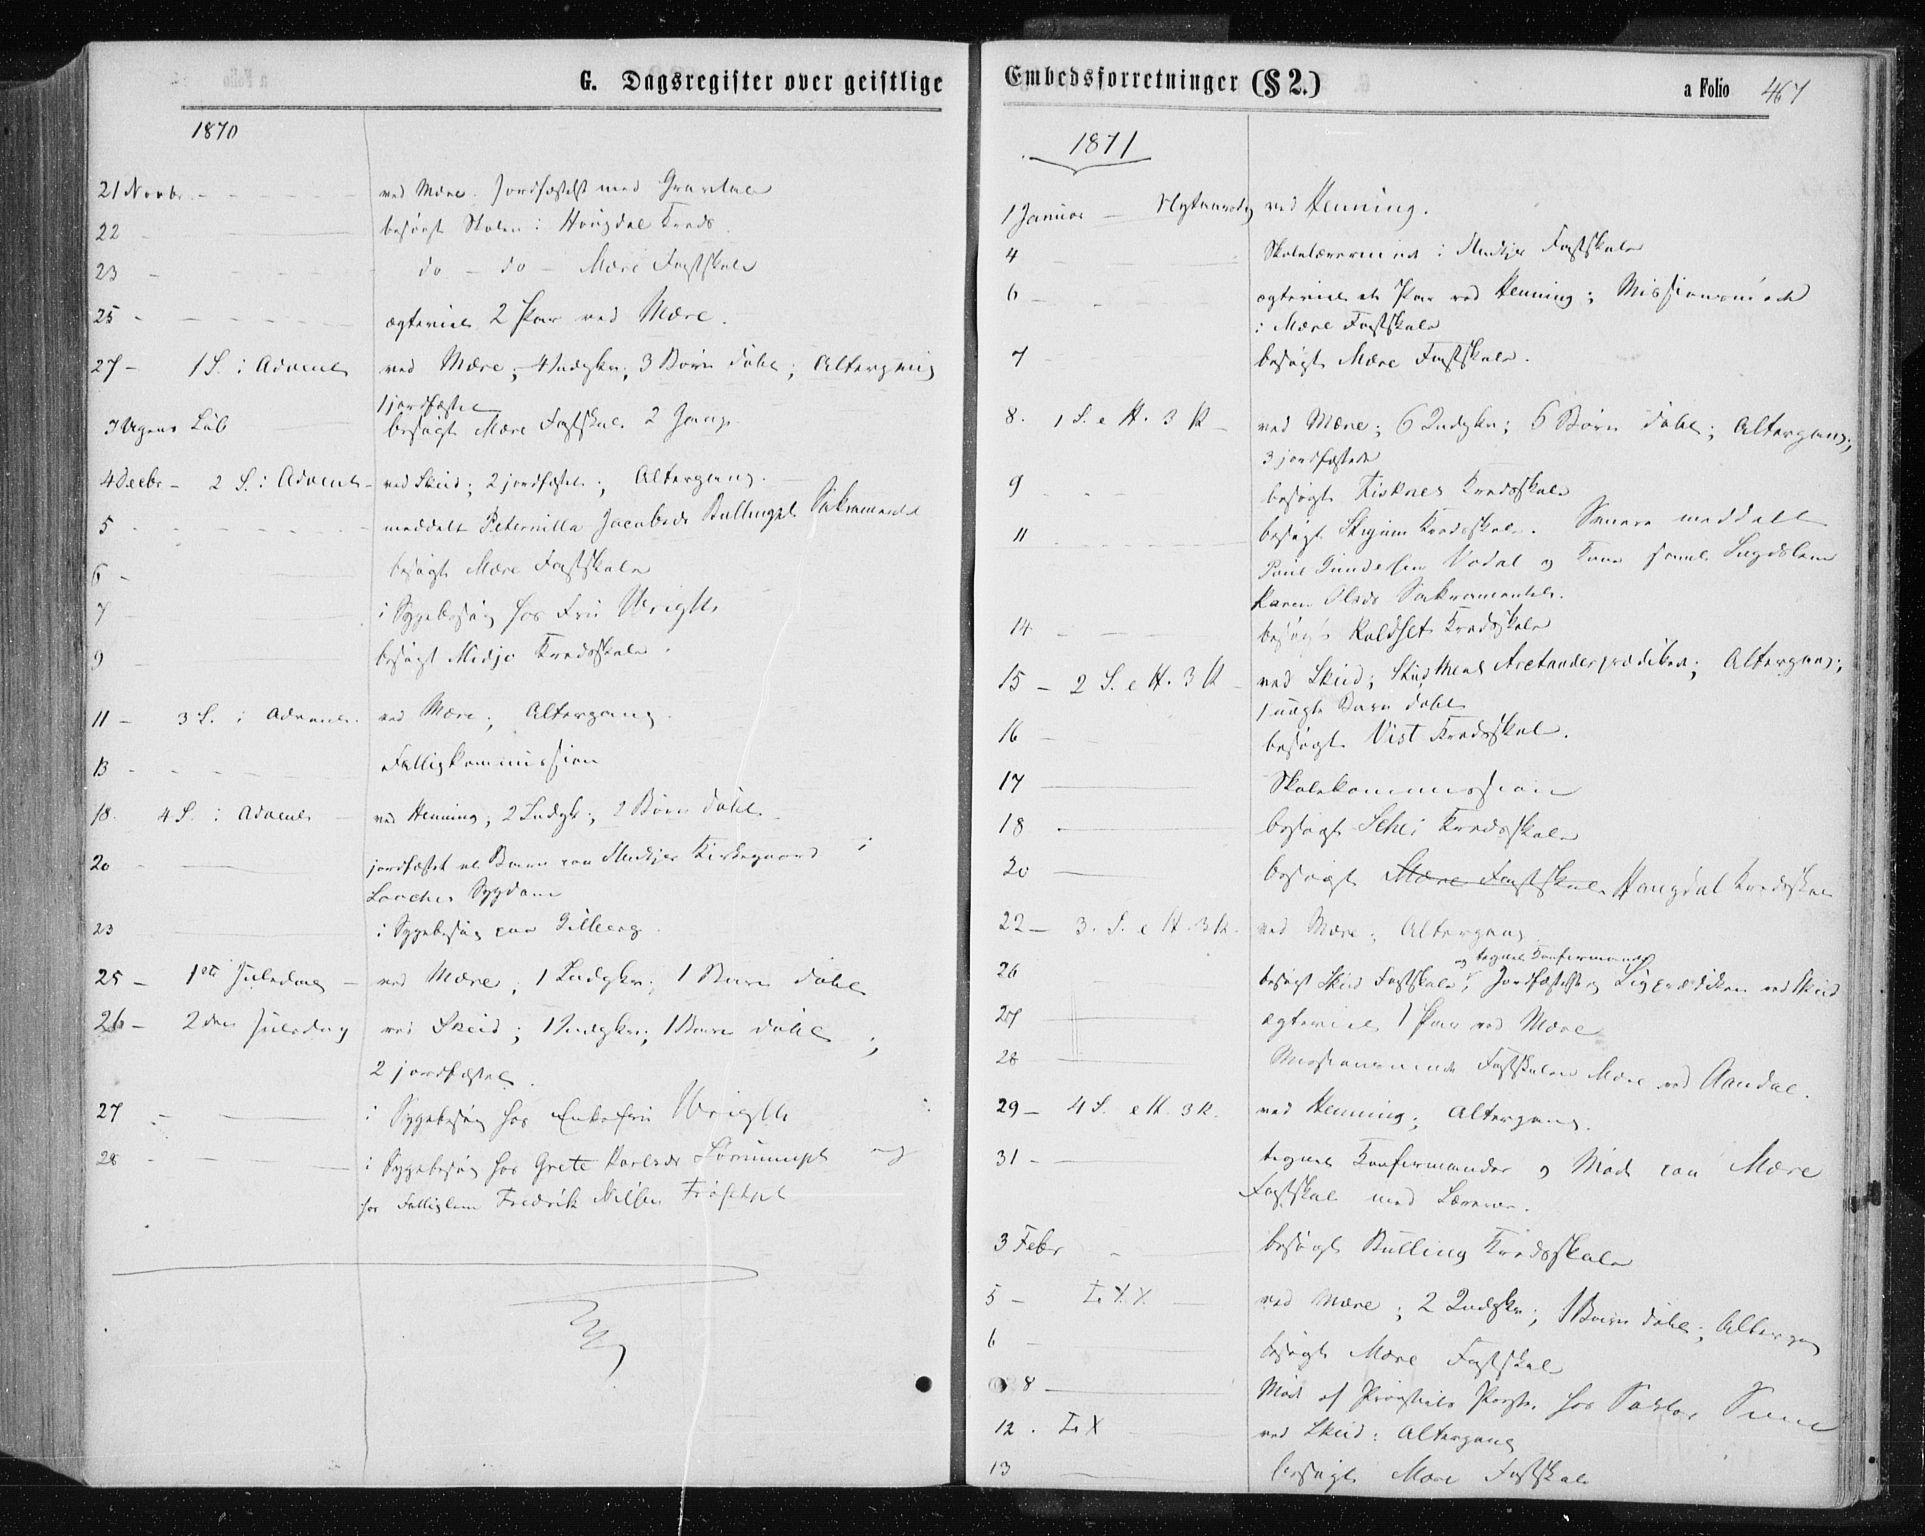 SAT, Ministerialprotokoller, klokkerbøker og fødselsregistre - Nord-Trøndelag, 735/L0345: Ministerialbok nr. 735A08 /1, 1863-1872, s. 467